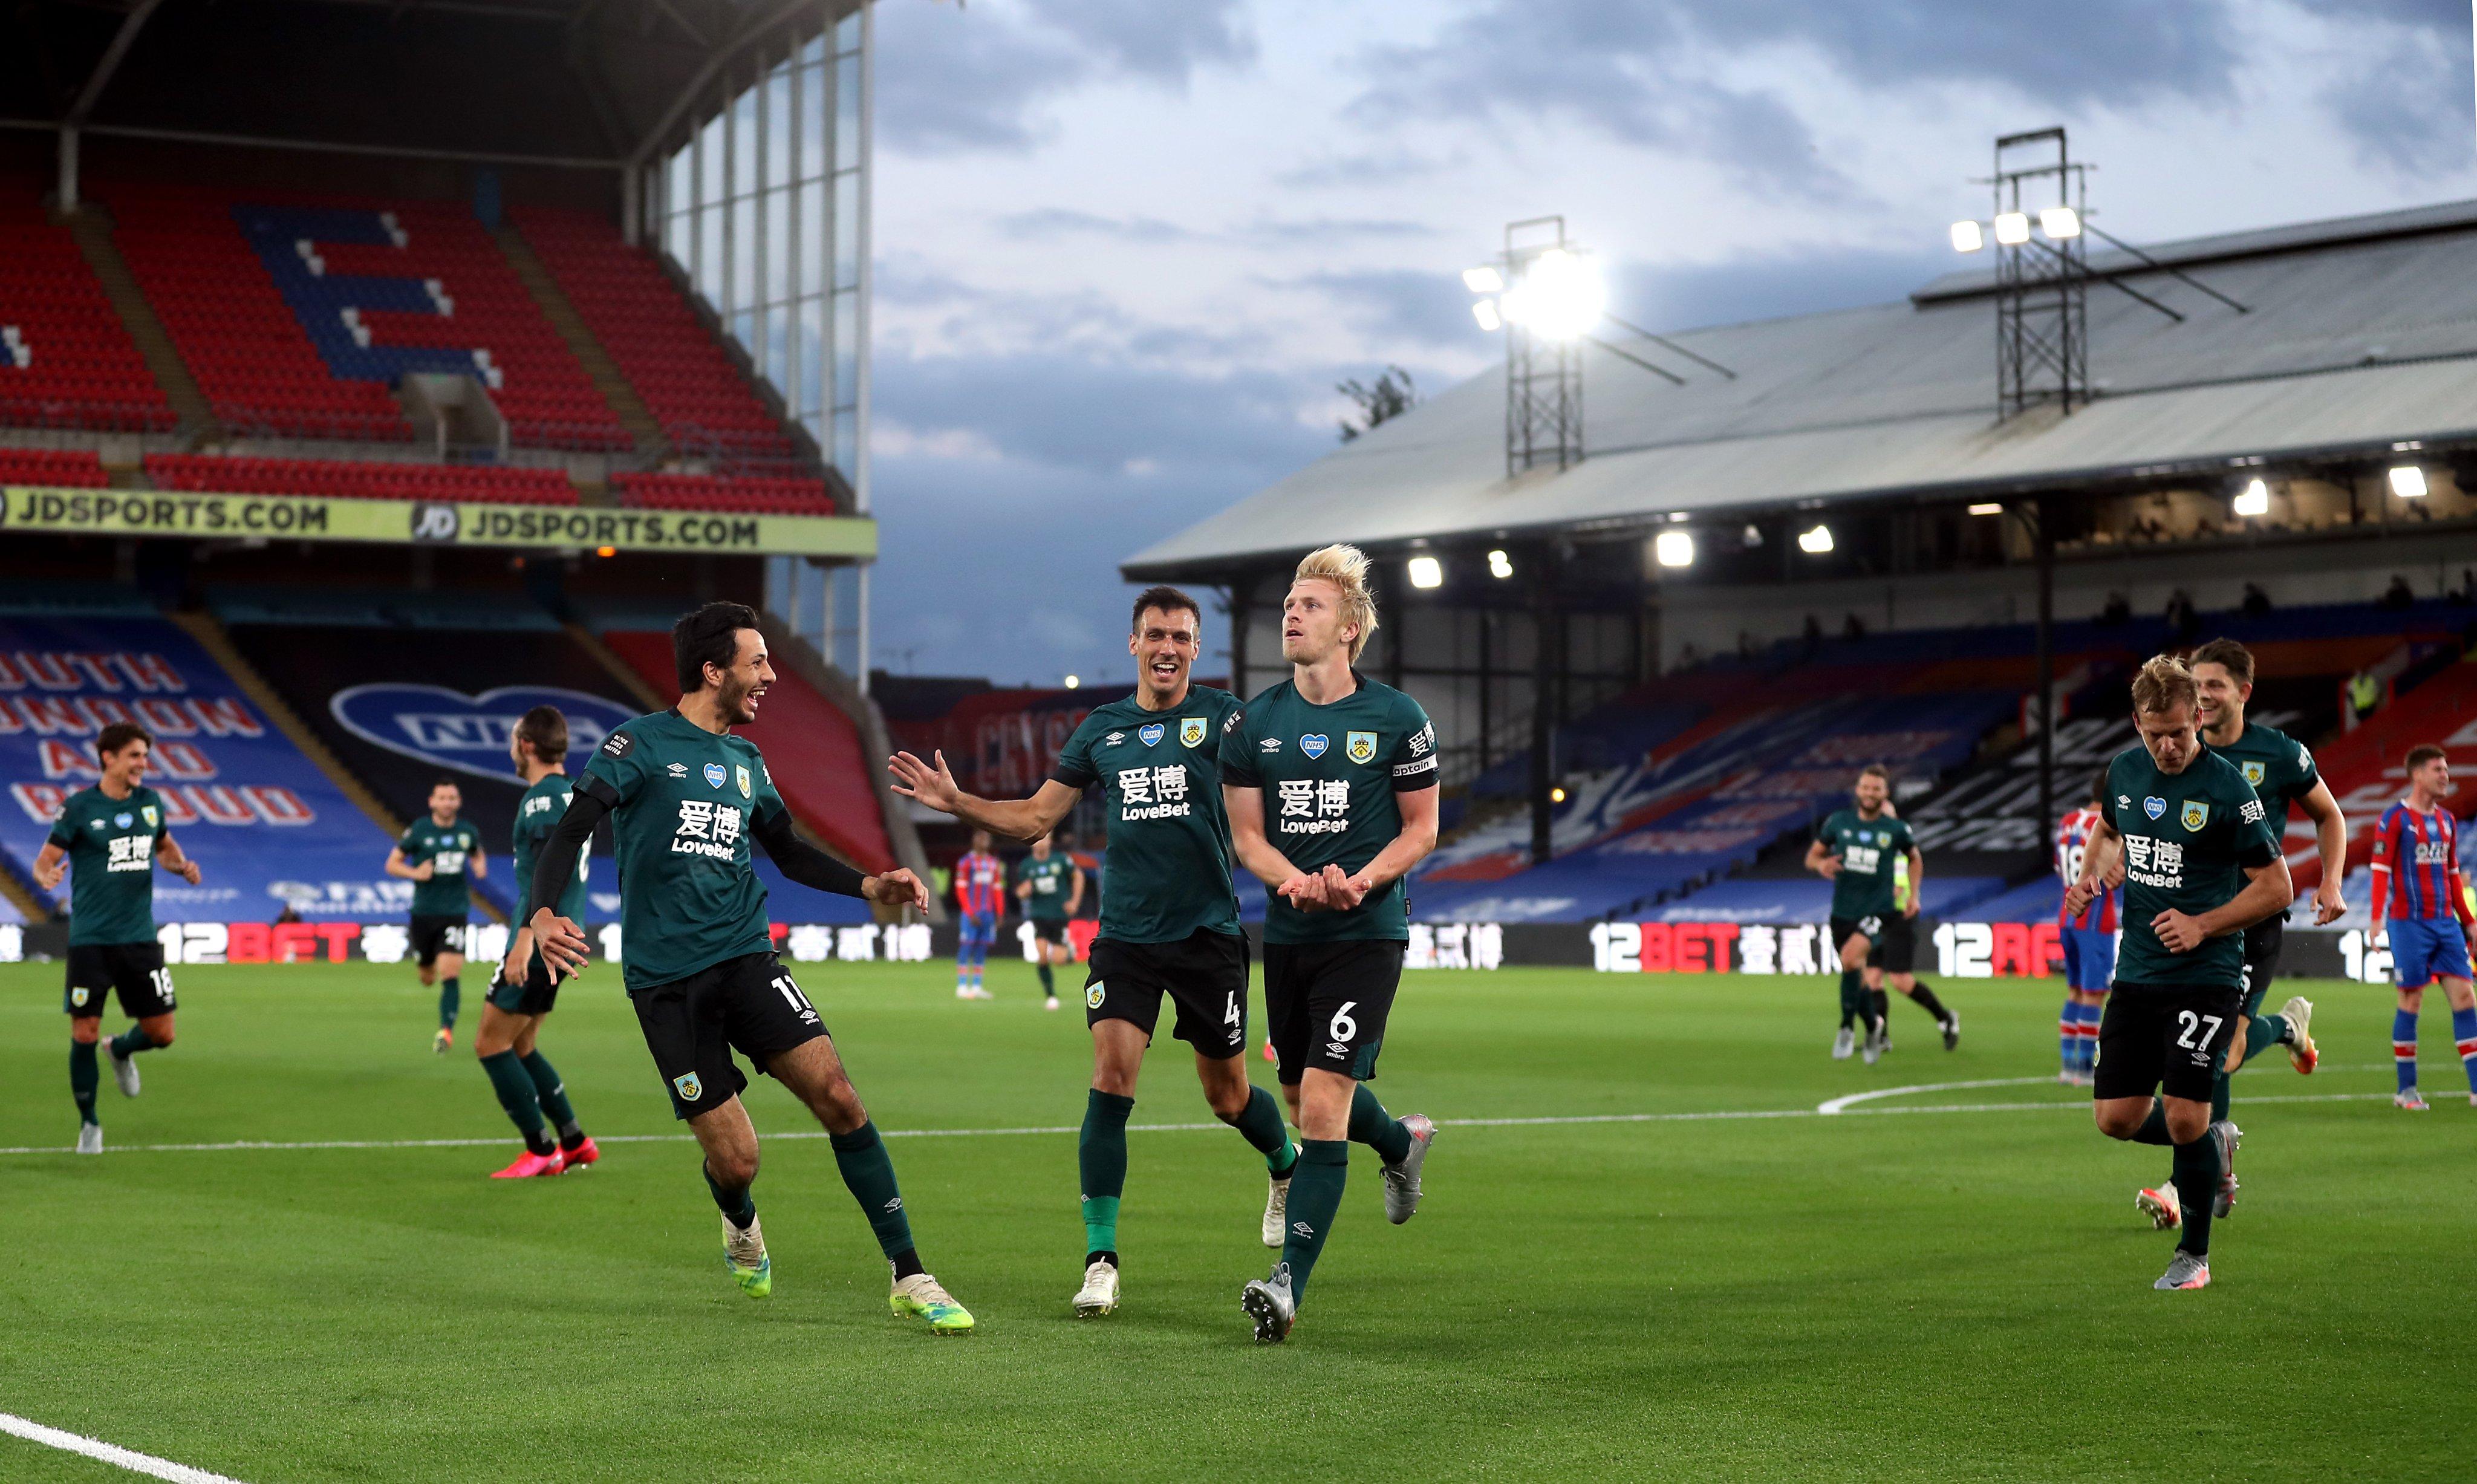 كواليس انتصار بيرنلي ضد شيفيلد بالدوري الانجليزي (3)